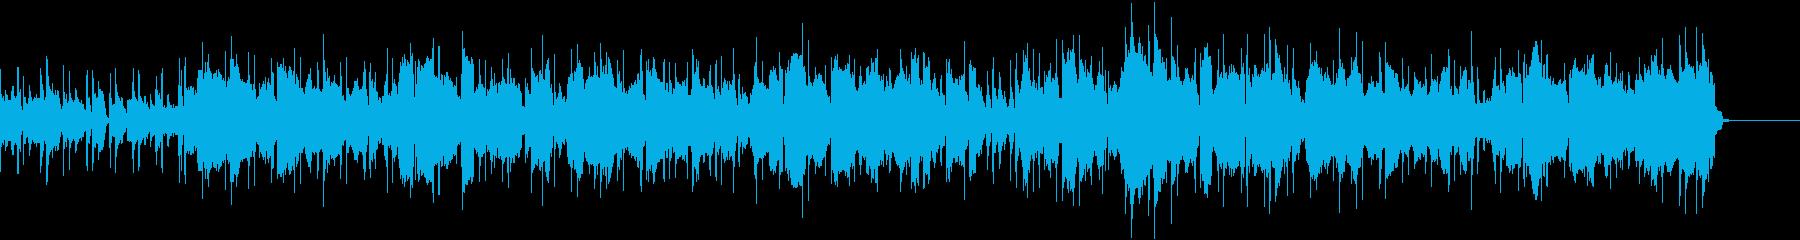 フルート奏でるボサノバナンバーの再生済みの波形